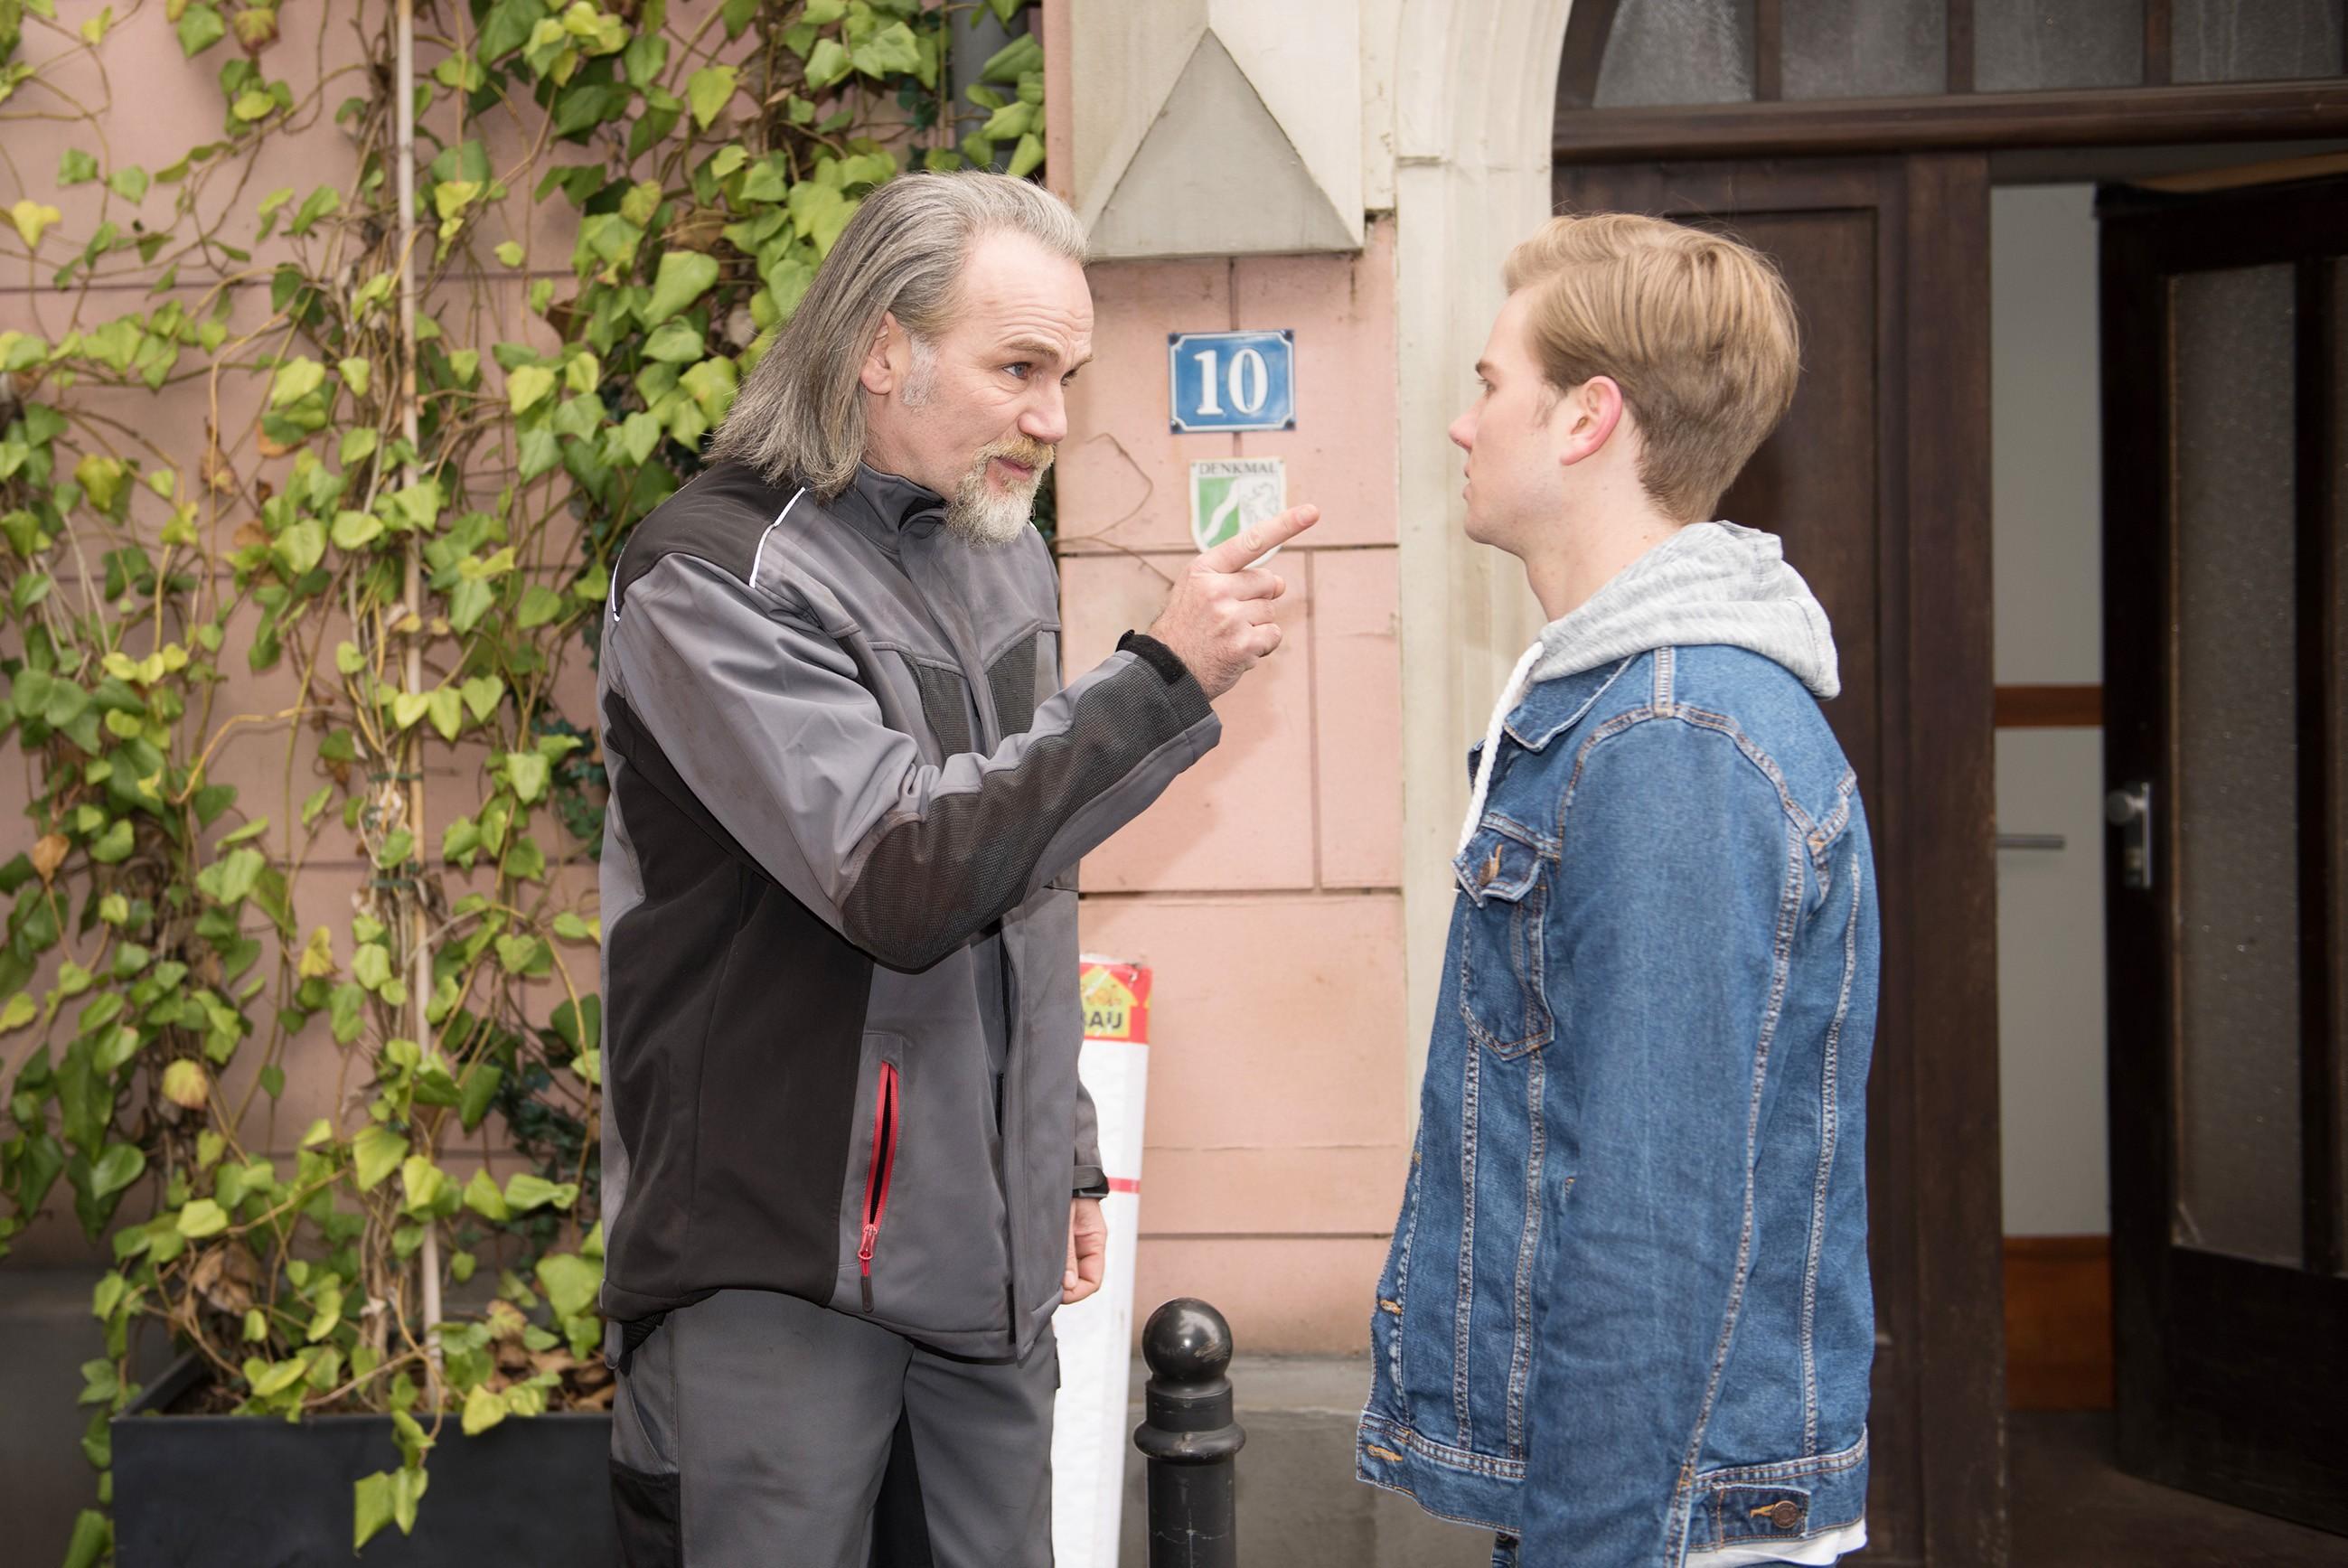 Erschrocken muss Valentin (Aaron Koszuta, r.) feststellen, dass seine Lüge, dass seine Eltern über seinen Aufenthalt in der Schillerallee Bescheid wissen, vor Robert (Luca Maric) aufgeflogen ist. (Quelle: RTL / Stefan Behrens)